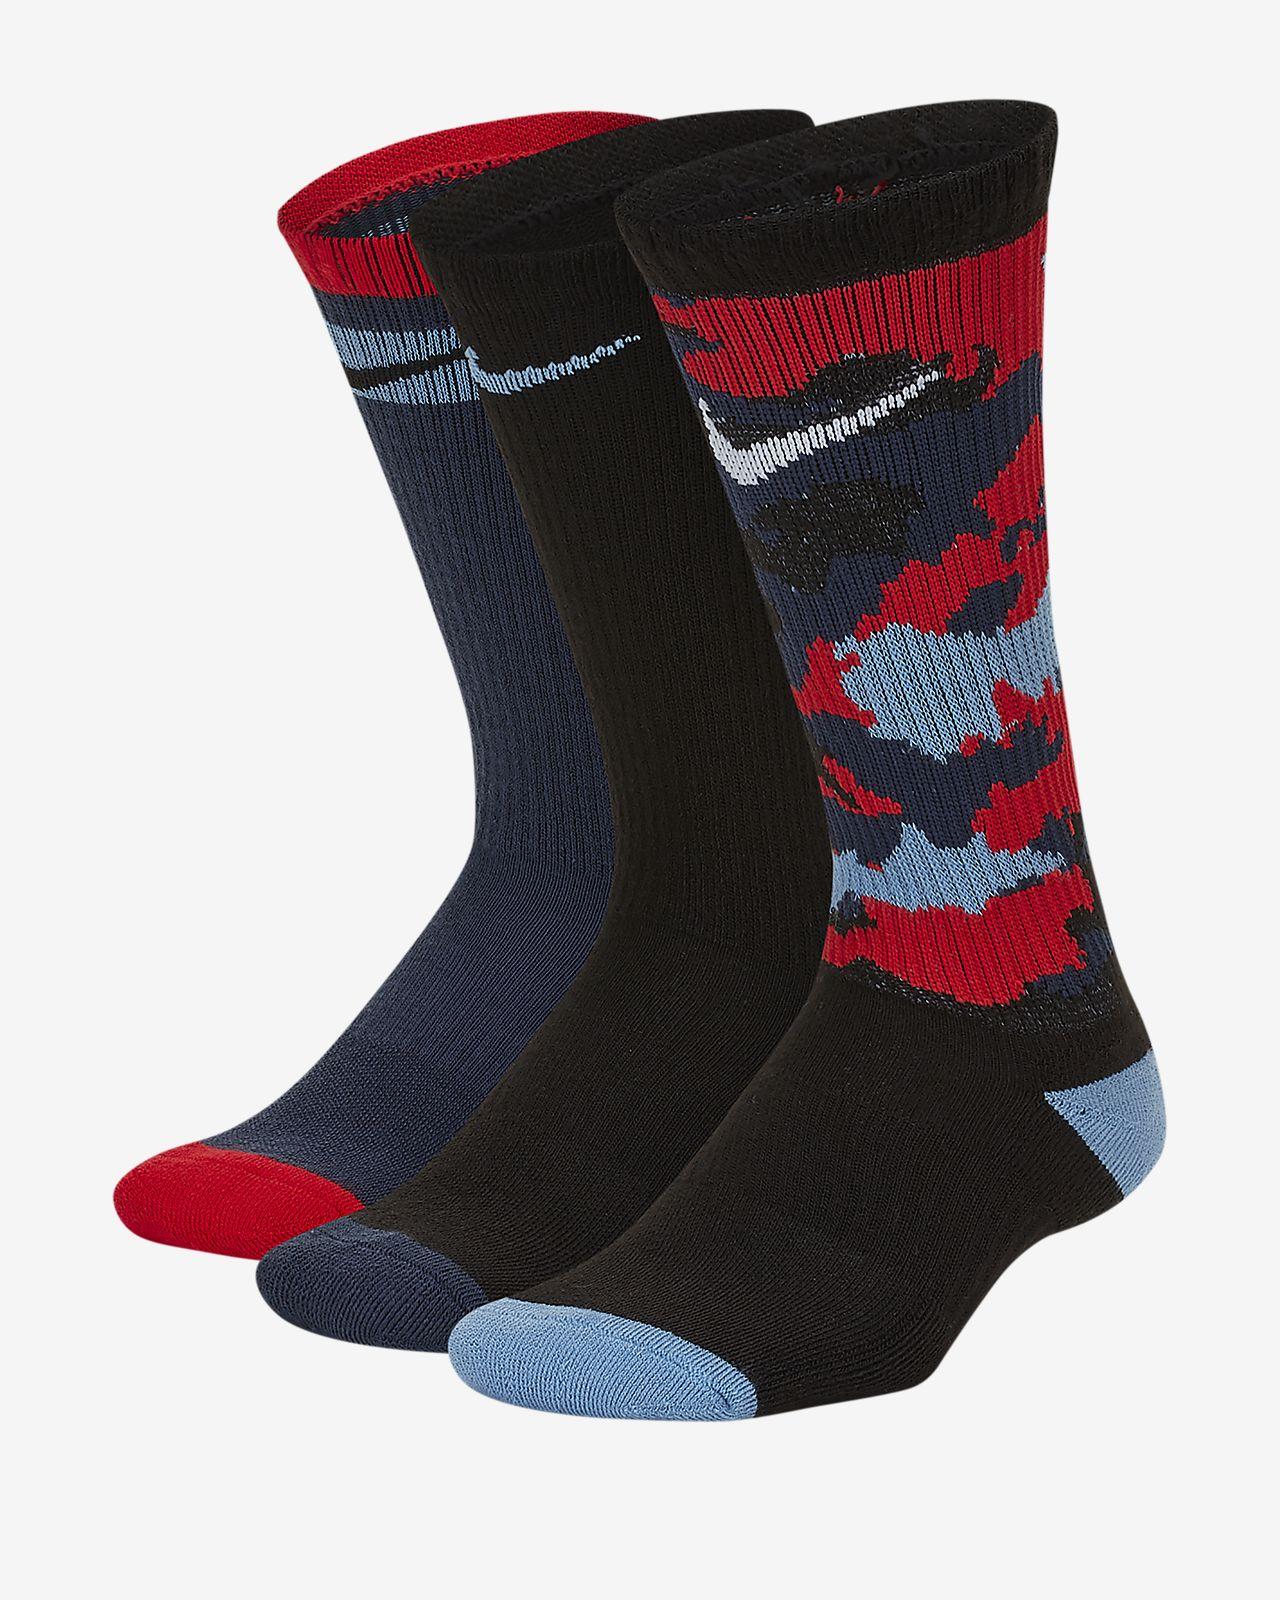 Nike Air Jordan Kids crew socks 2 pair size 3Y-5Y New